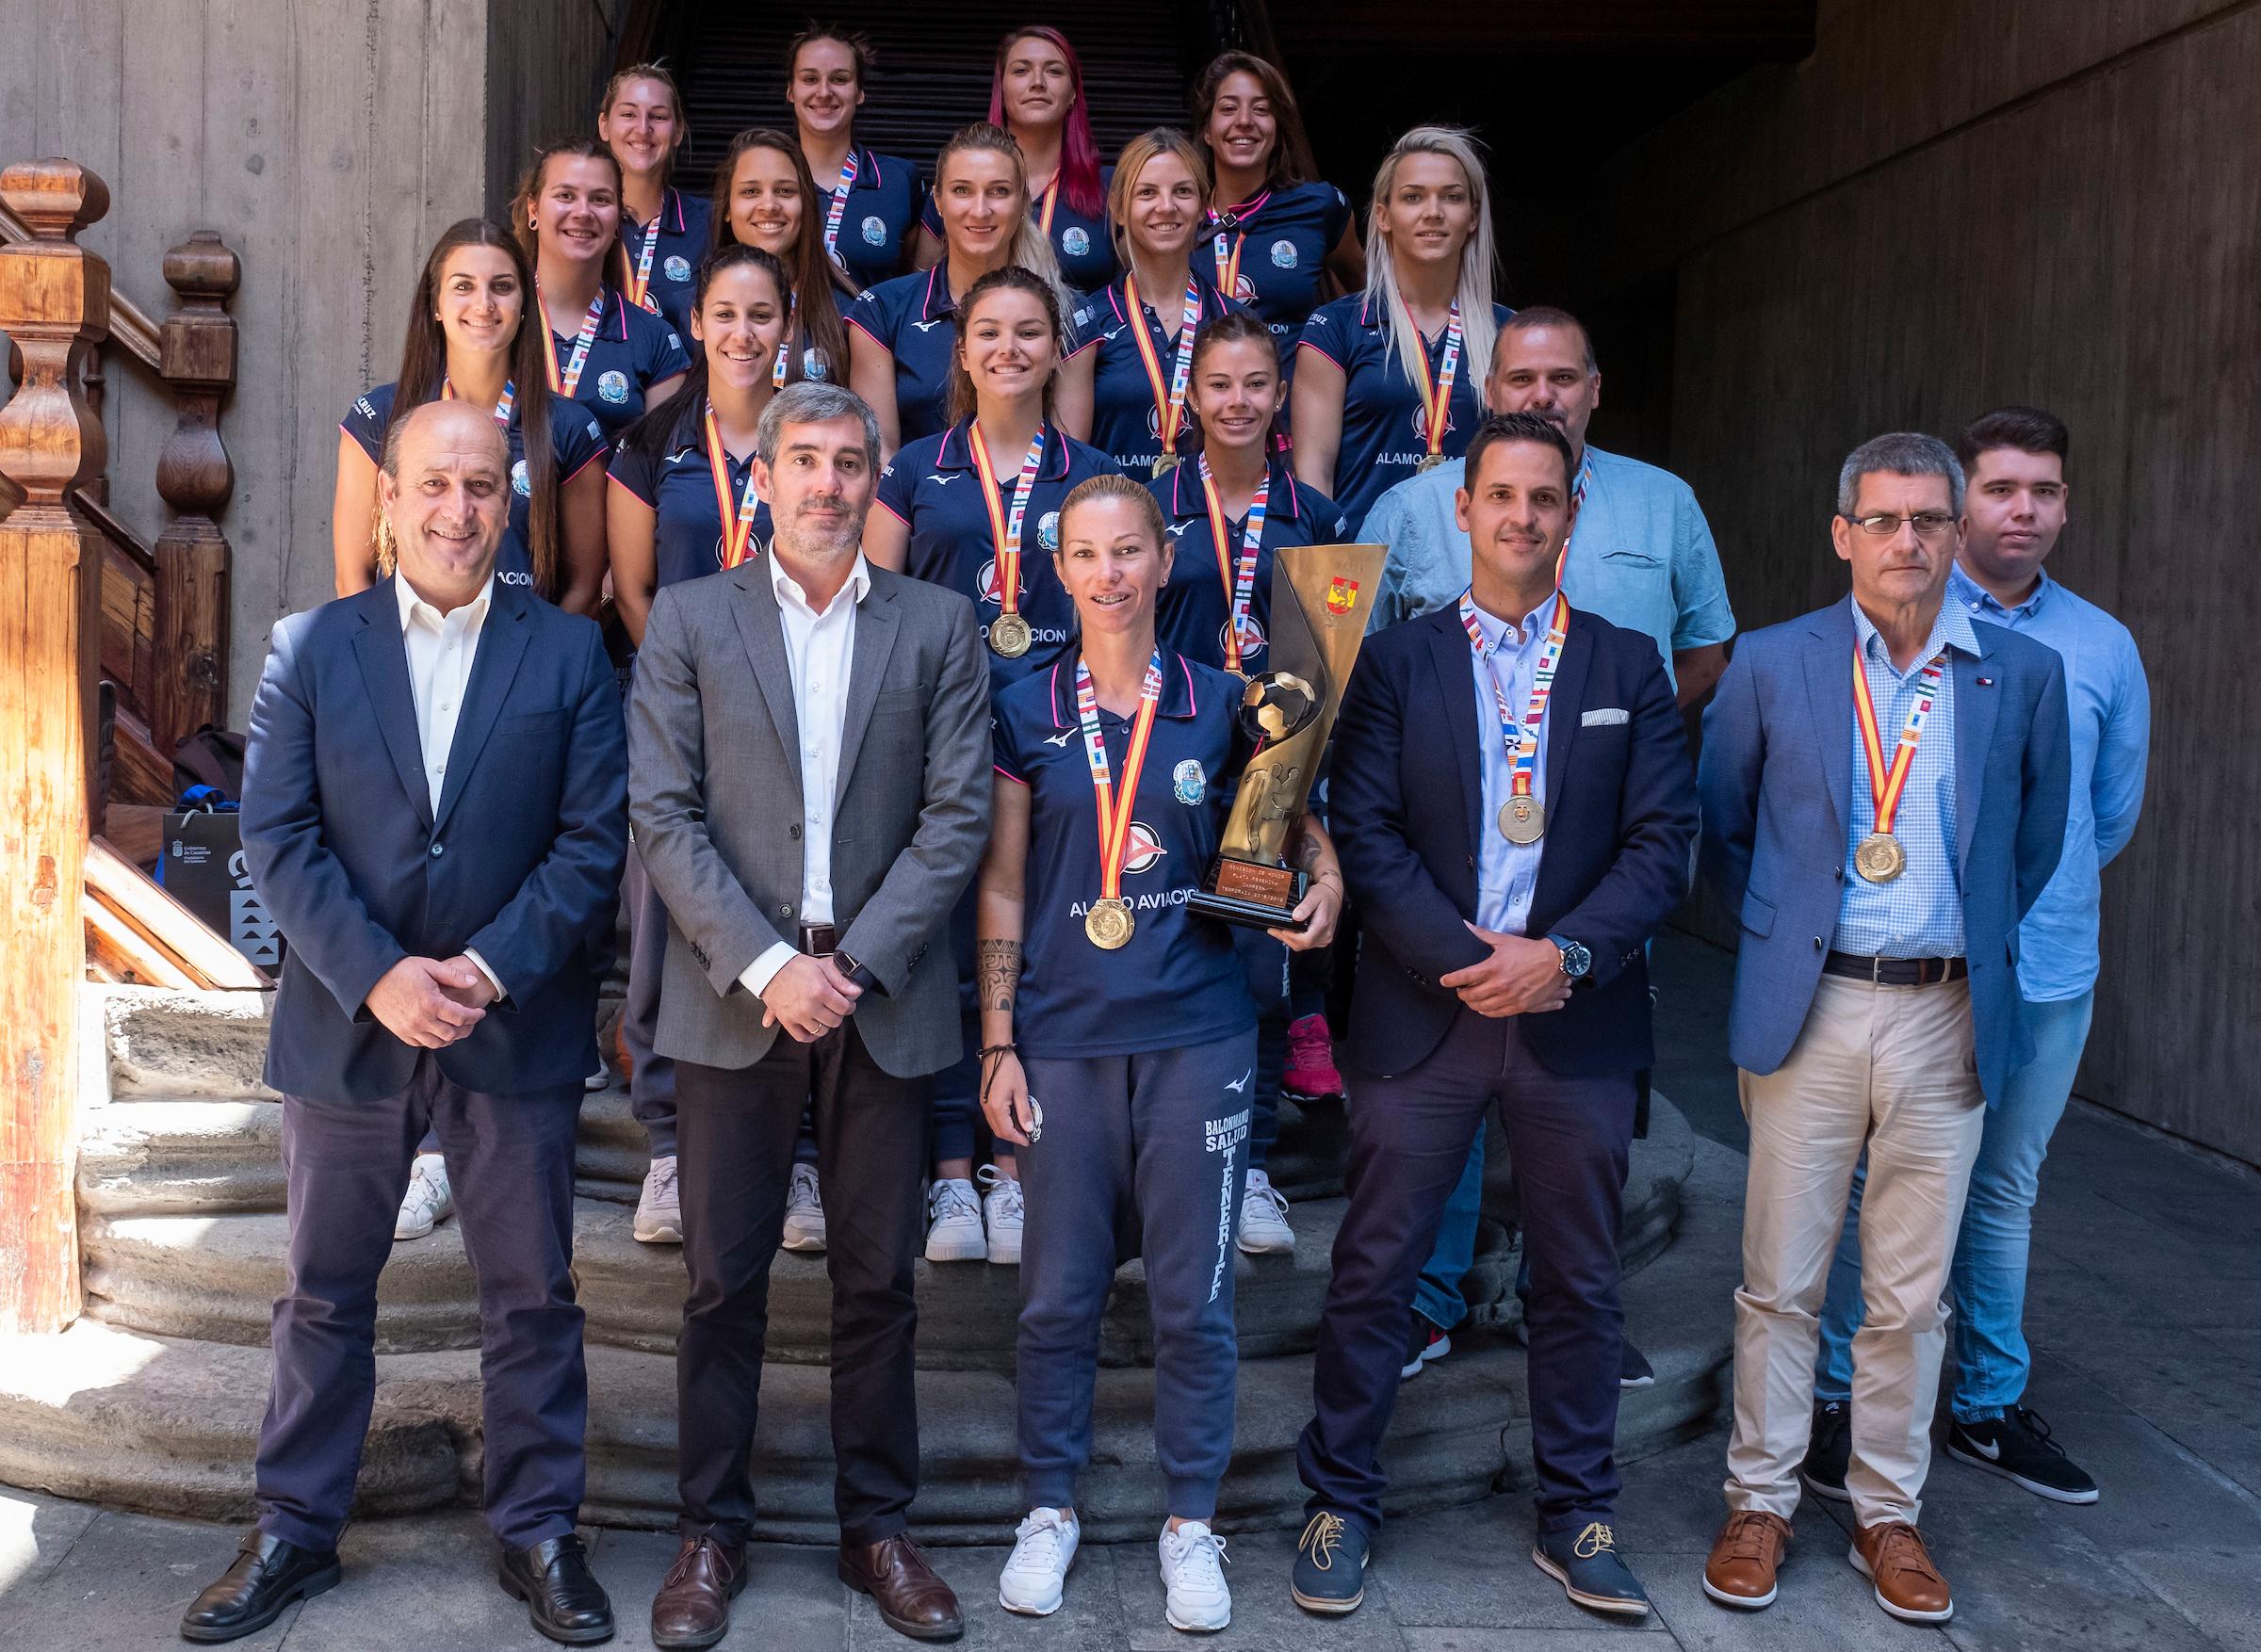 Recepción a las jugadoras del Balonmano Salud Tenerife